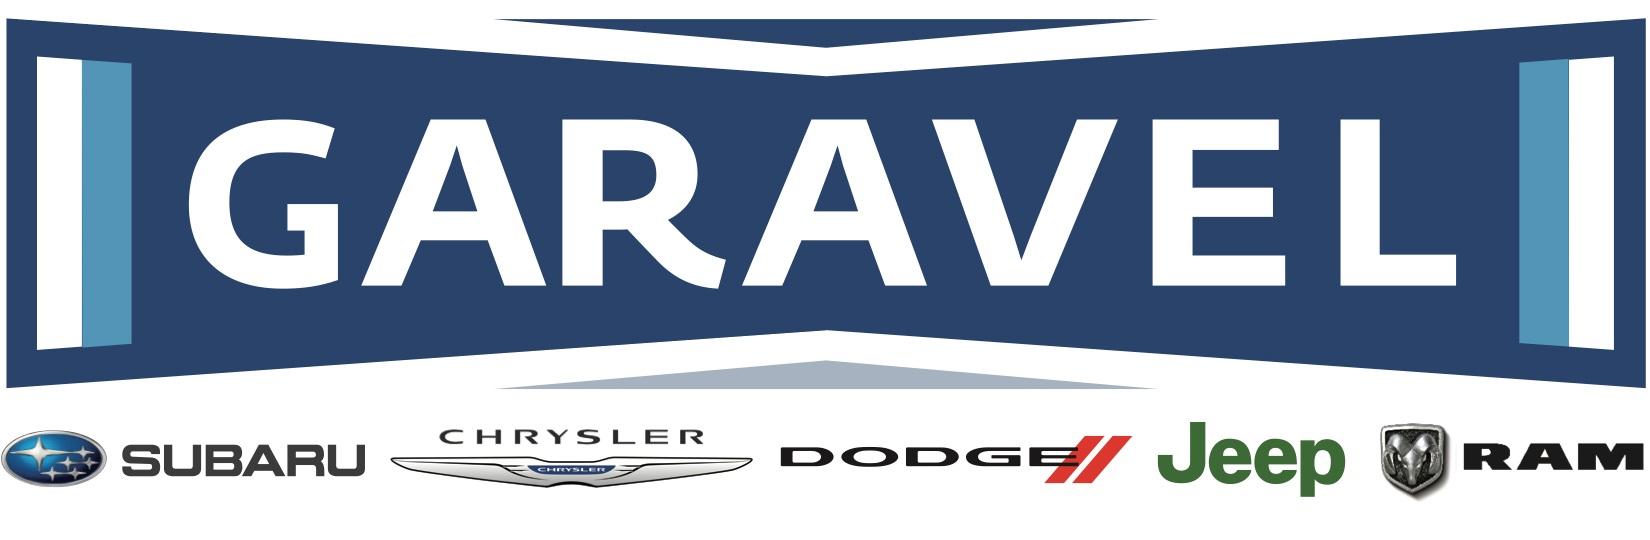 Garavel+logo+jpg-ALLBRANDS-LOGO+pdf-SUBFIRST-simplechrysler+%281%29.jpg